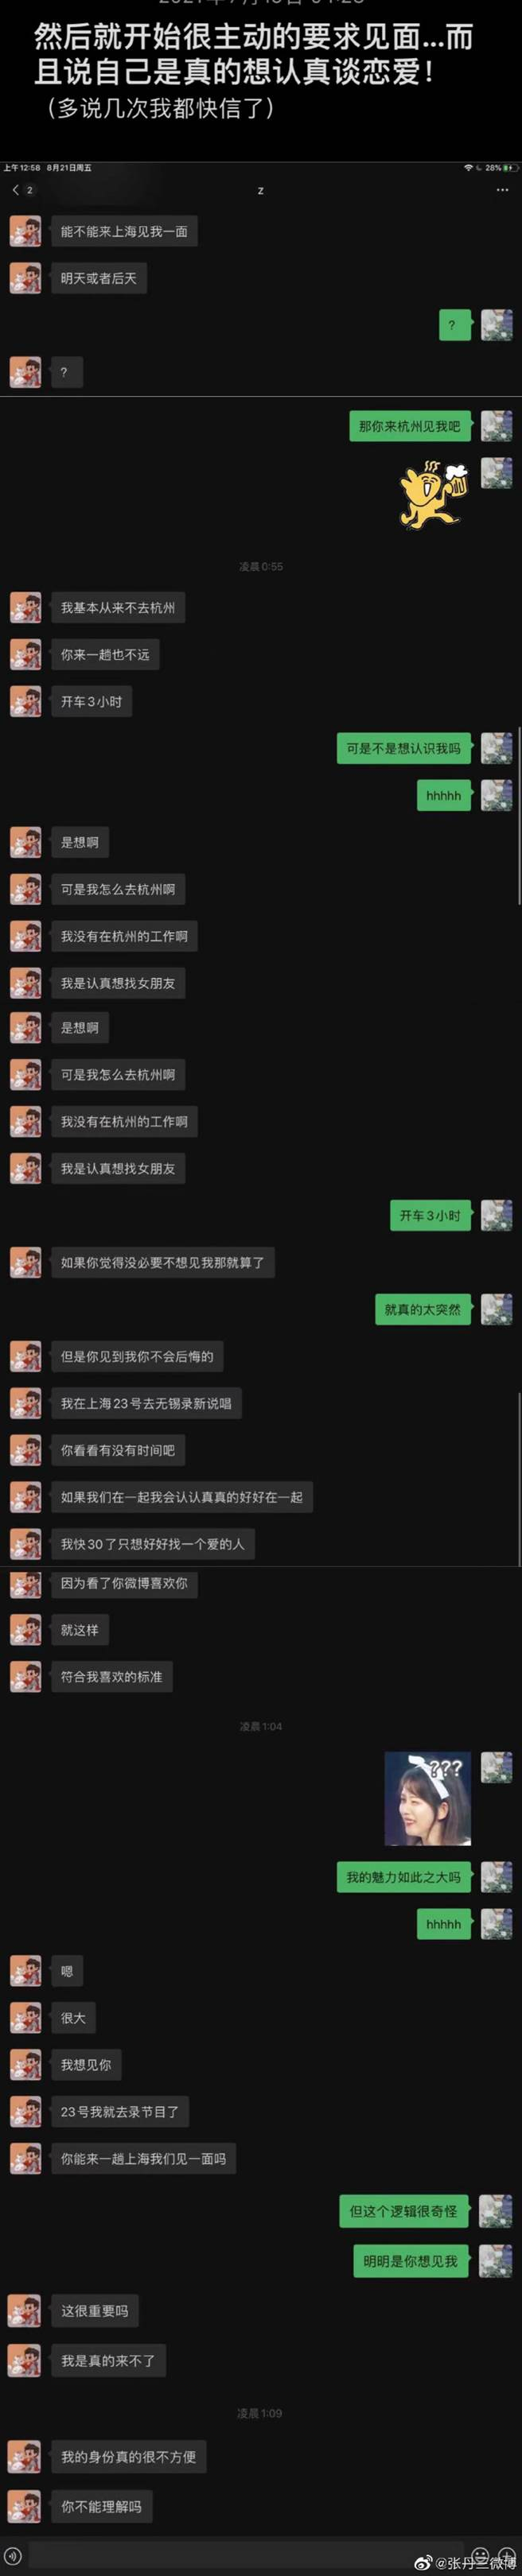 吳亦凡和張丹三的私密對話。(圖/微博@張丹三)